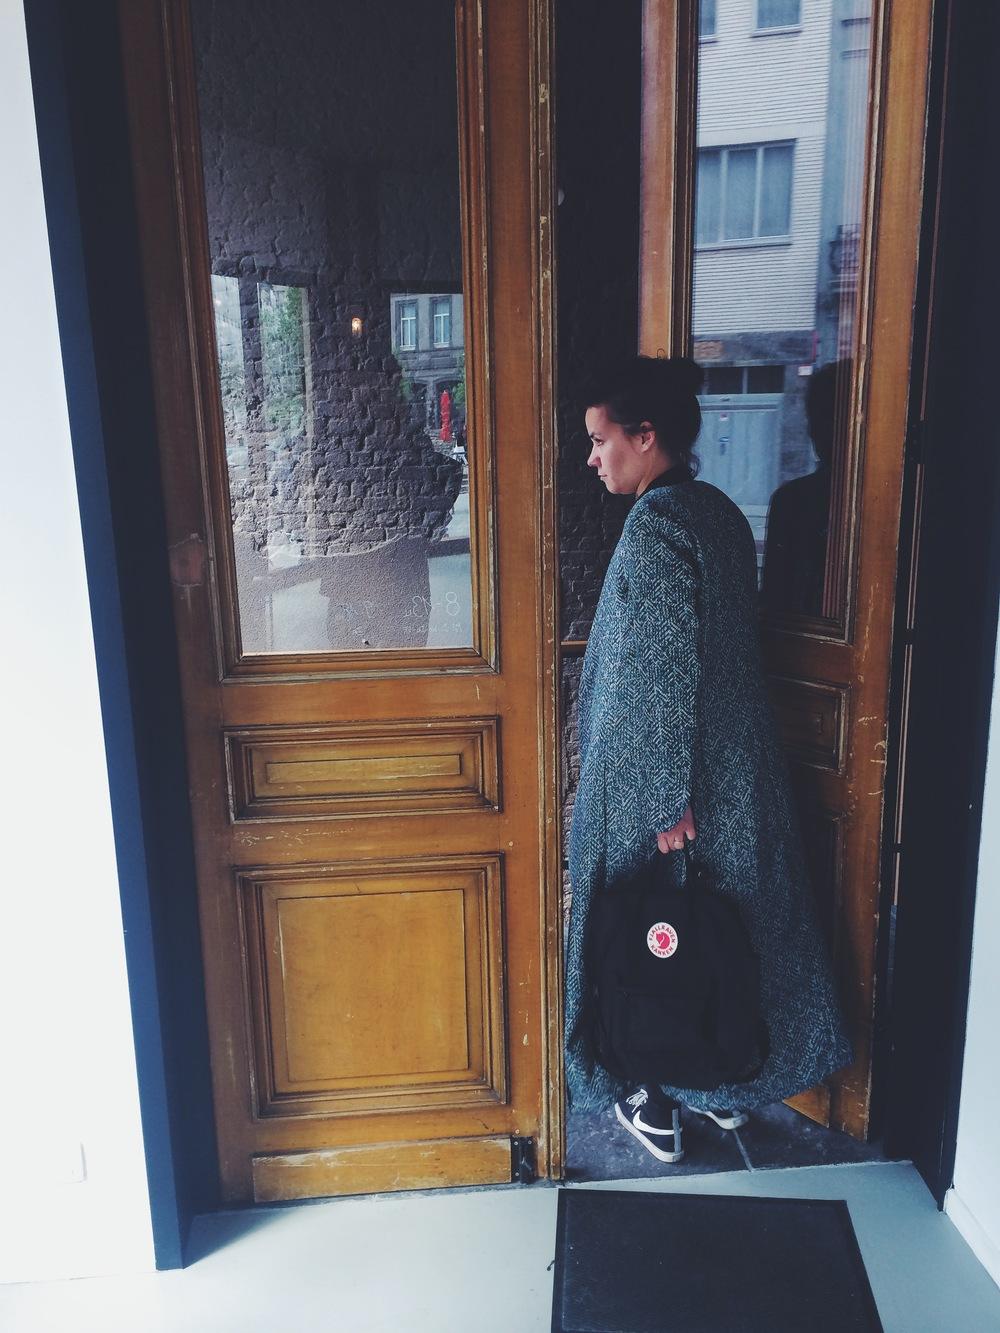 //BIG DOOR VS BIG COAT//